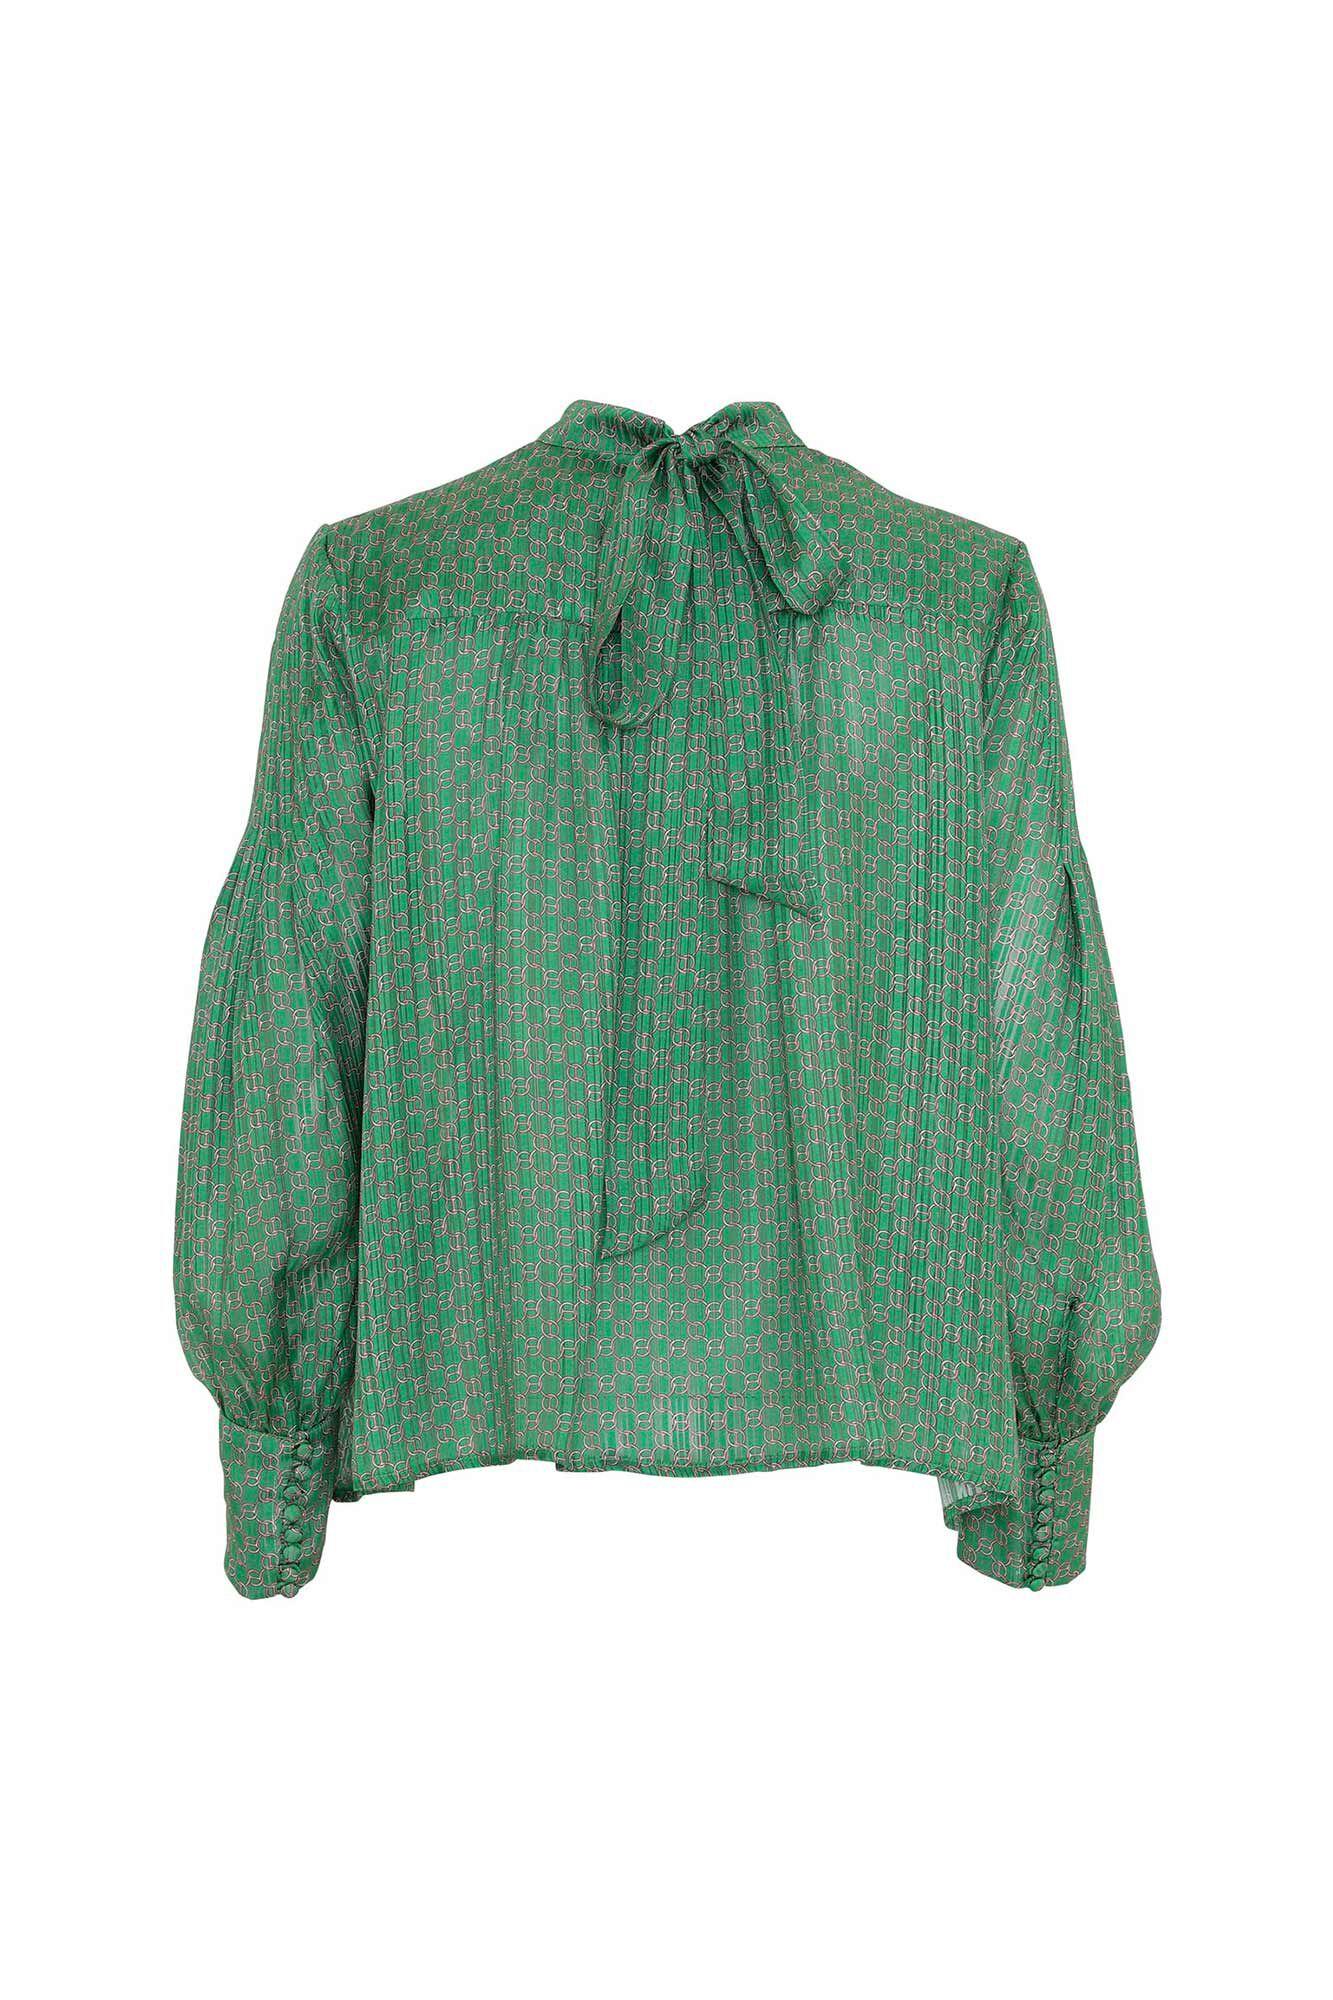 Ilse blouse 3327606, CLASSY CHAIN